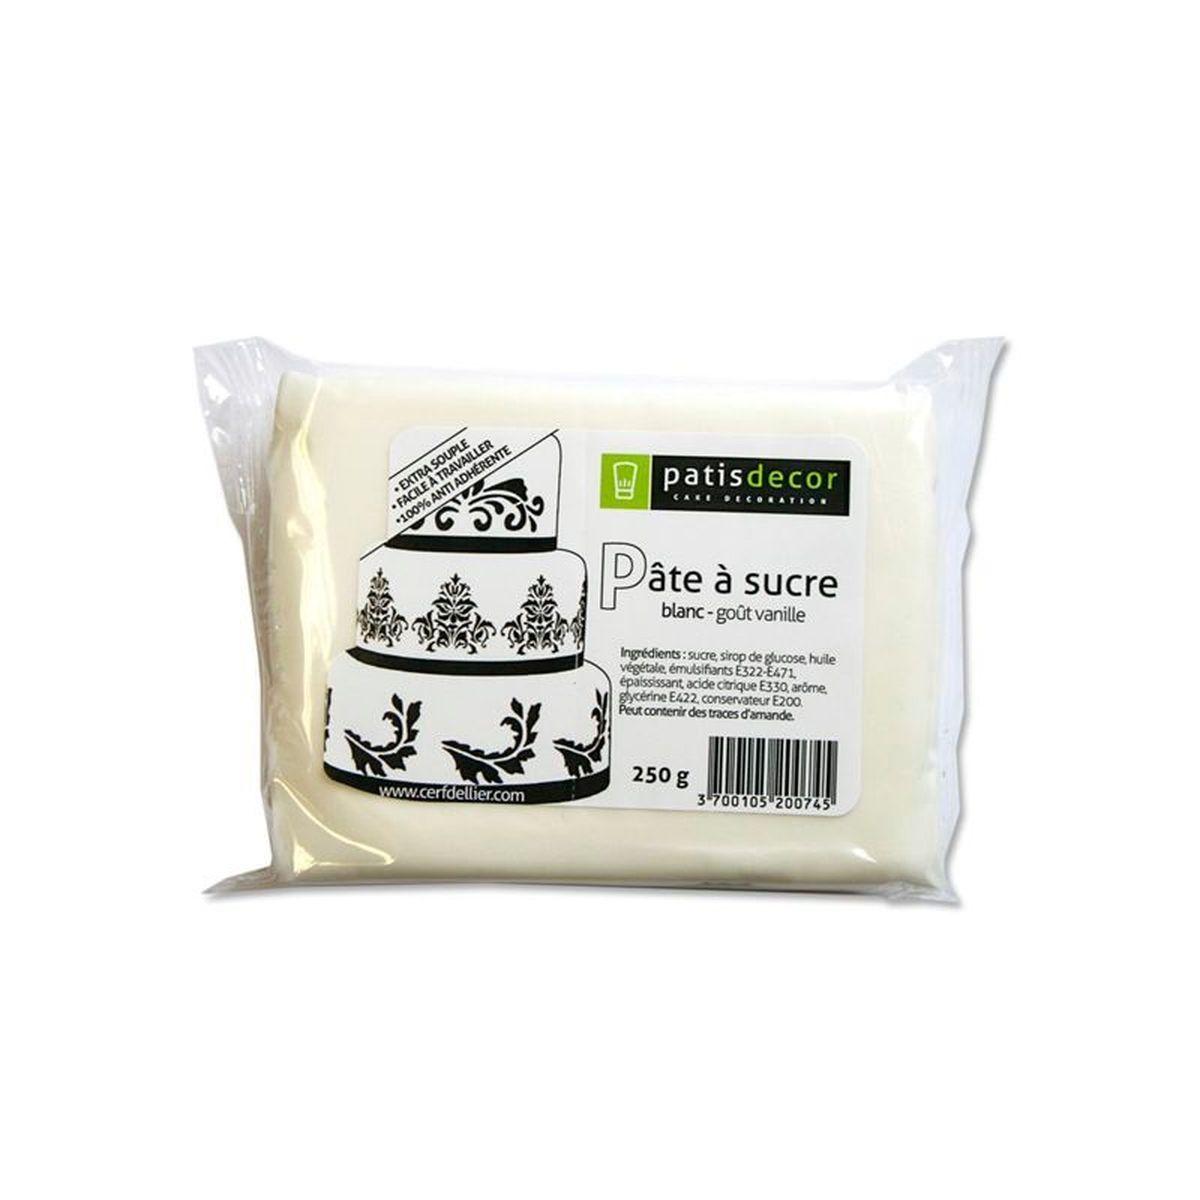 Pâte à sucre blanc arôme vanille 250G - Patisdécor